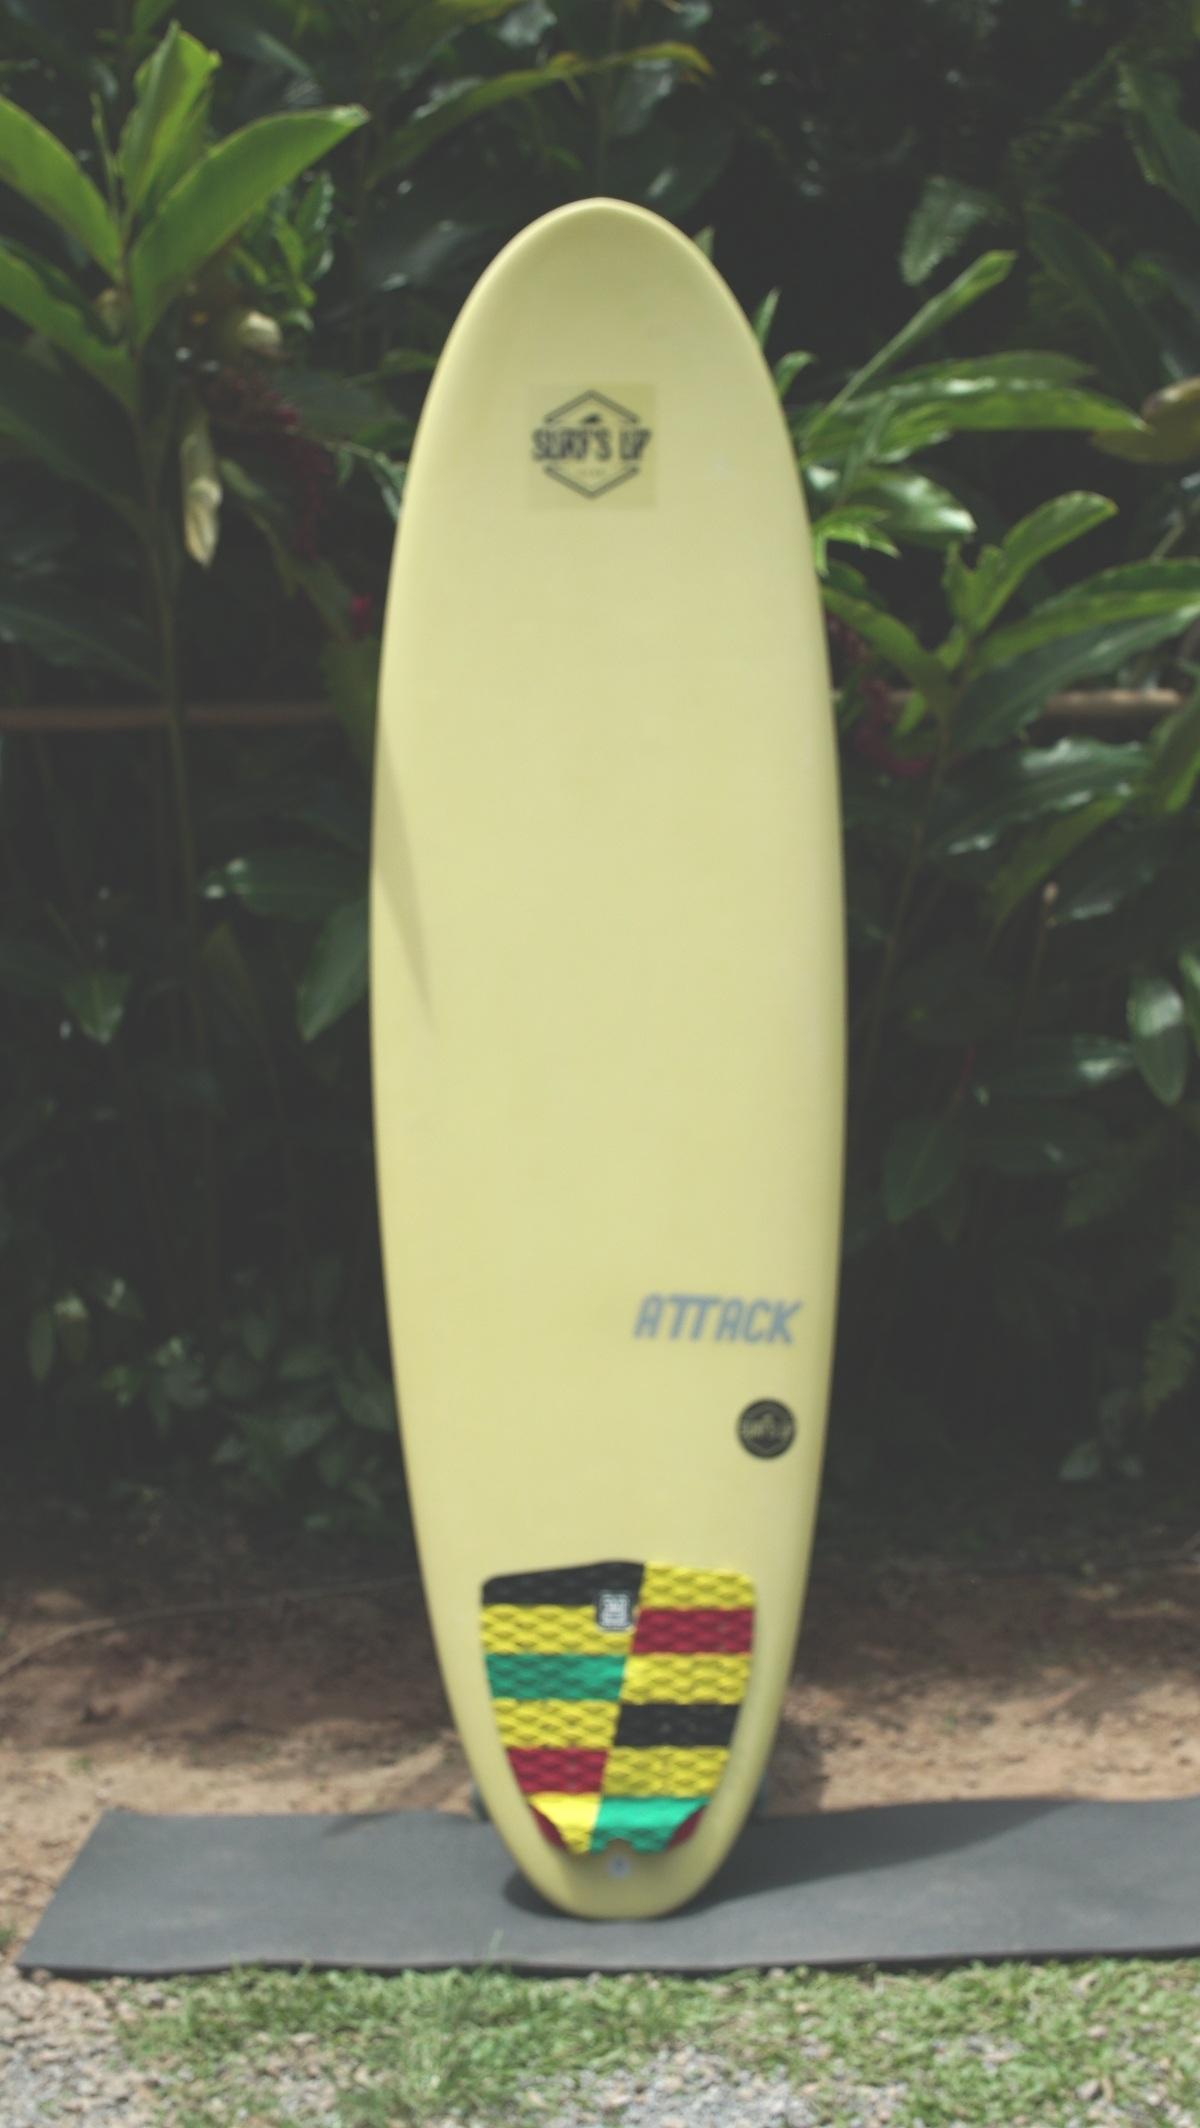 Surfácil 6'6 - Attack6'6